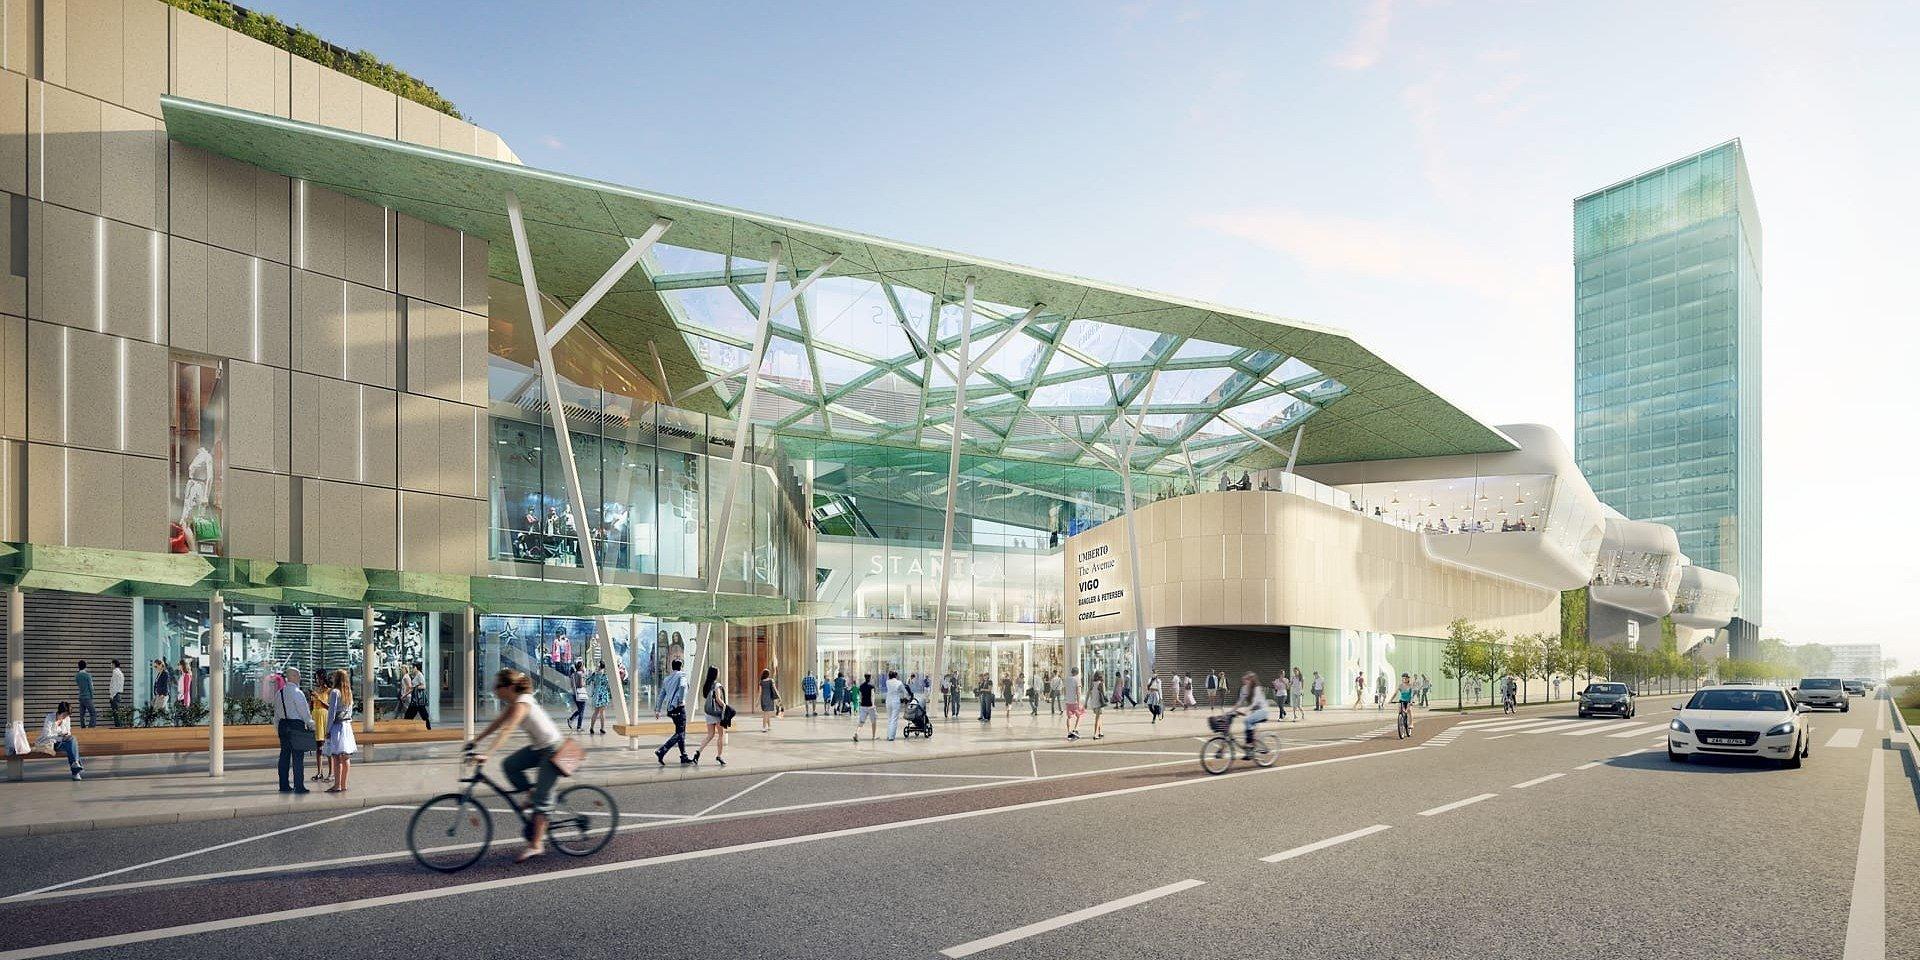 HB Reavis enthüllt das Bauprojekt des neuen Bratislava Busbahnhofs bei MAPIC